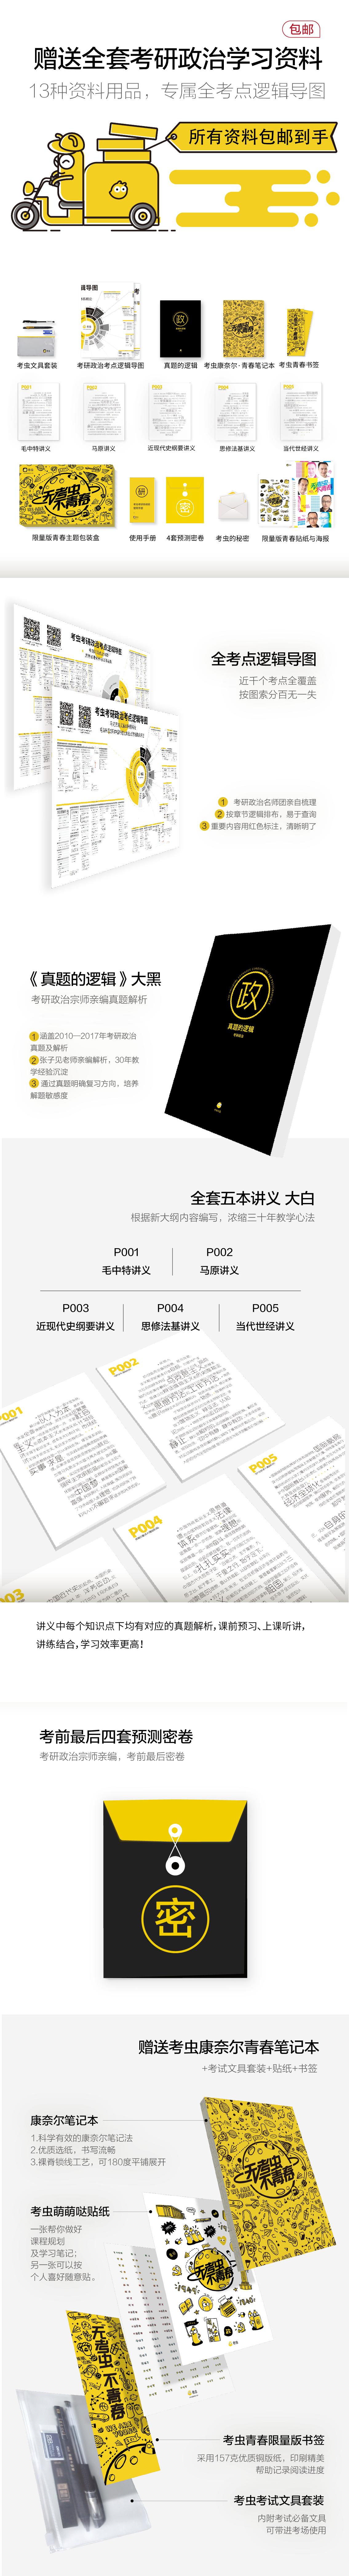 考研18政治大纲班-02.png